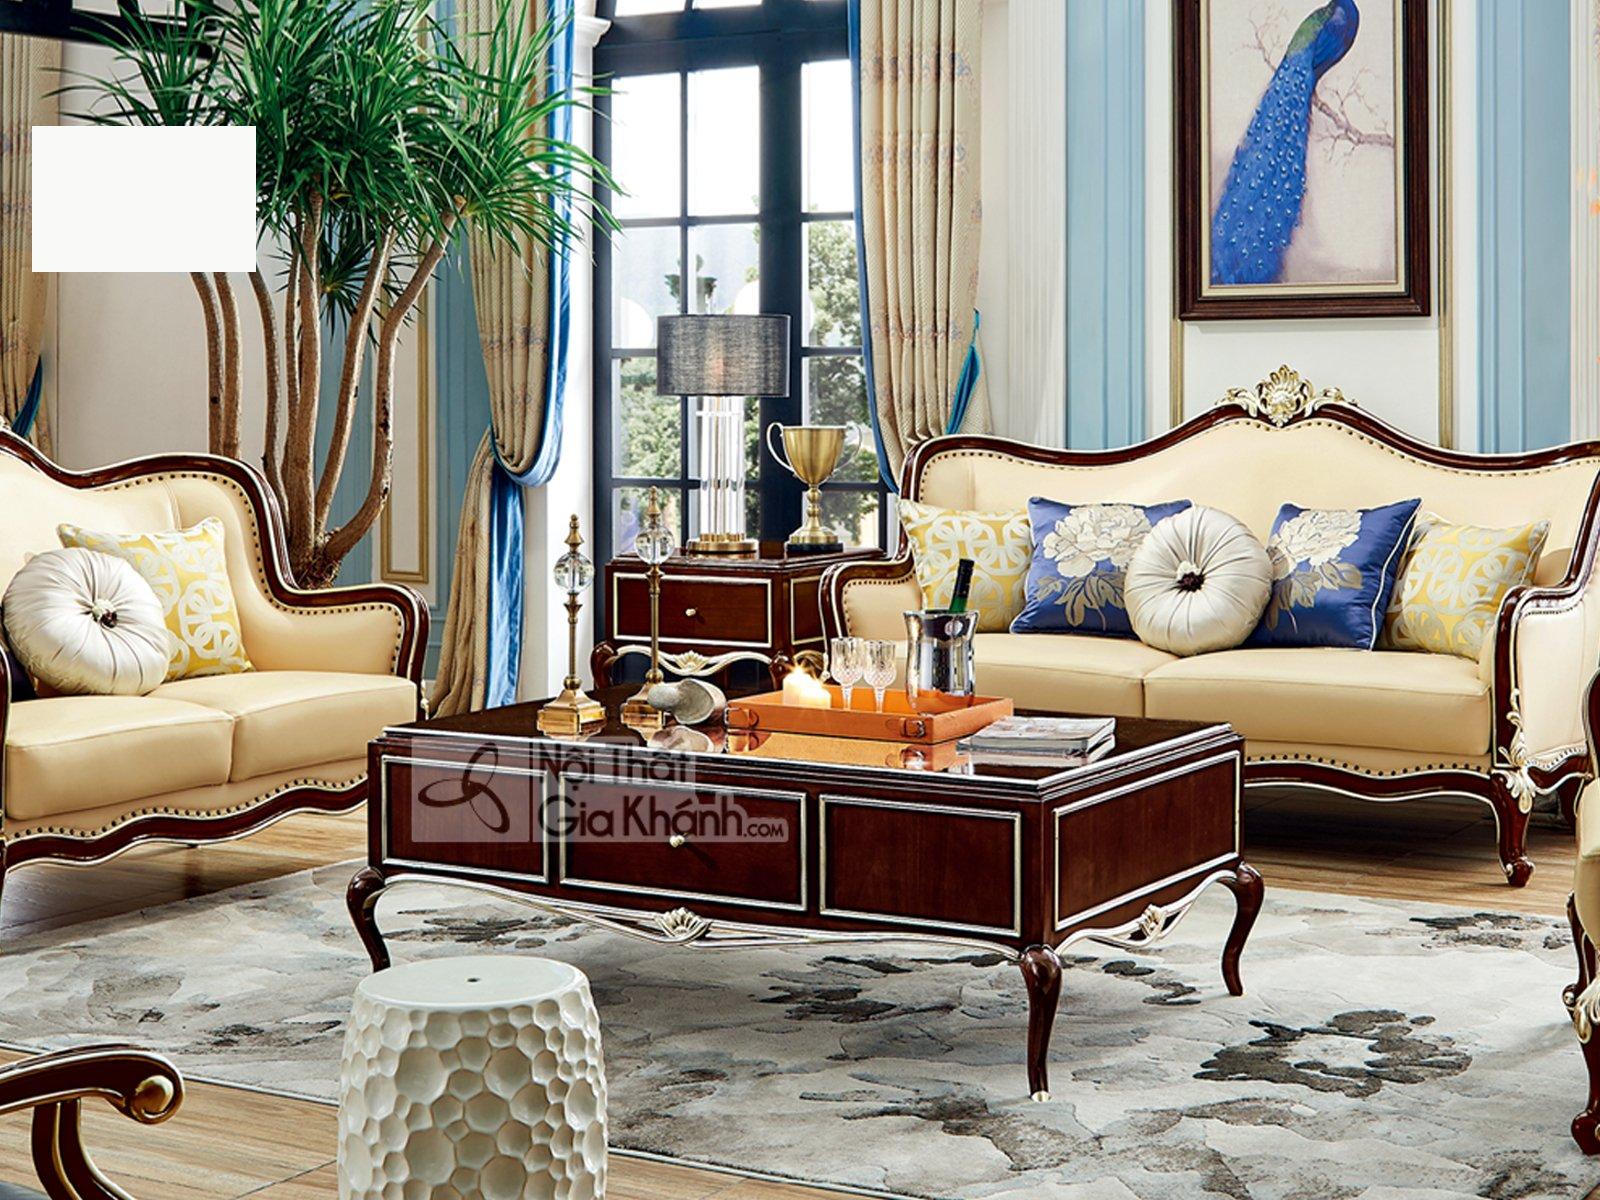 Bộ nội thất phòng khách tân cổ điển nhập khẩu PK311